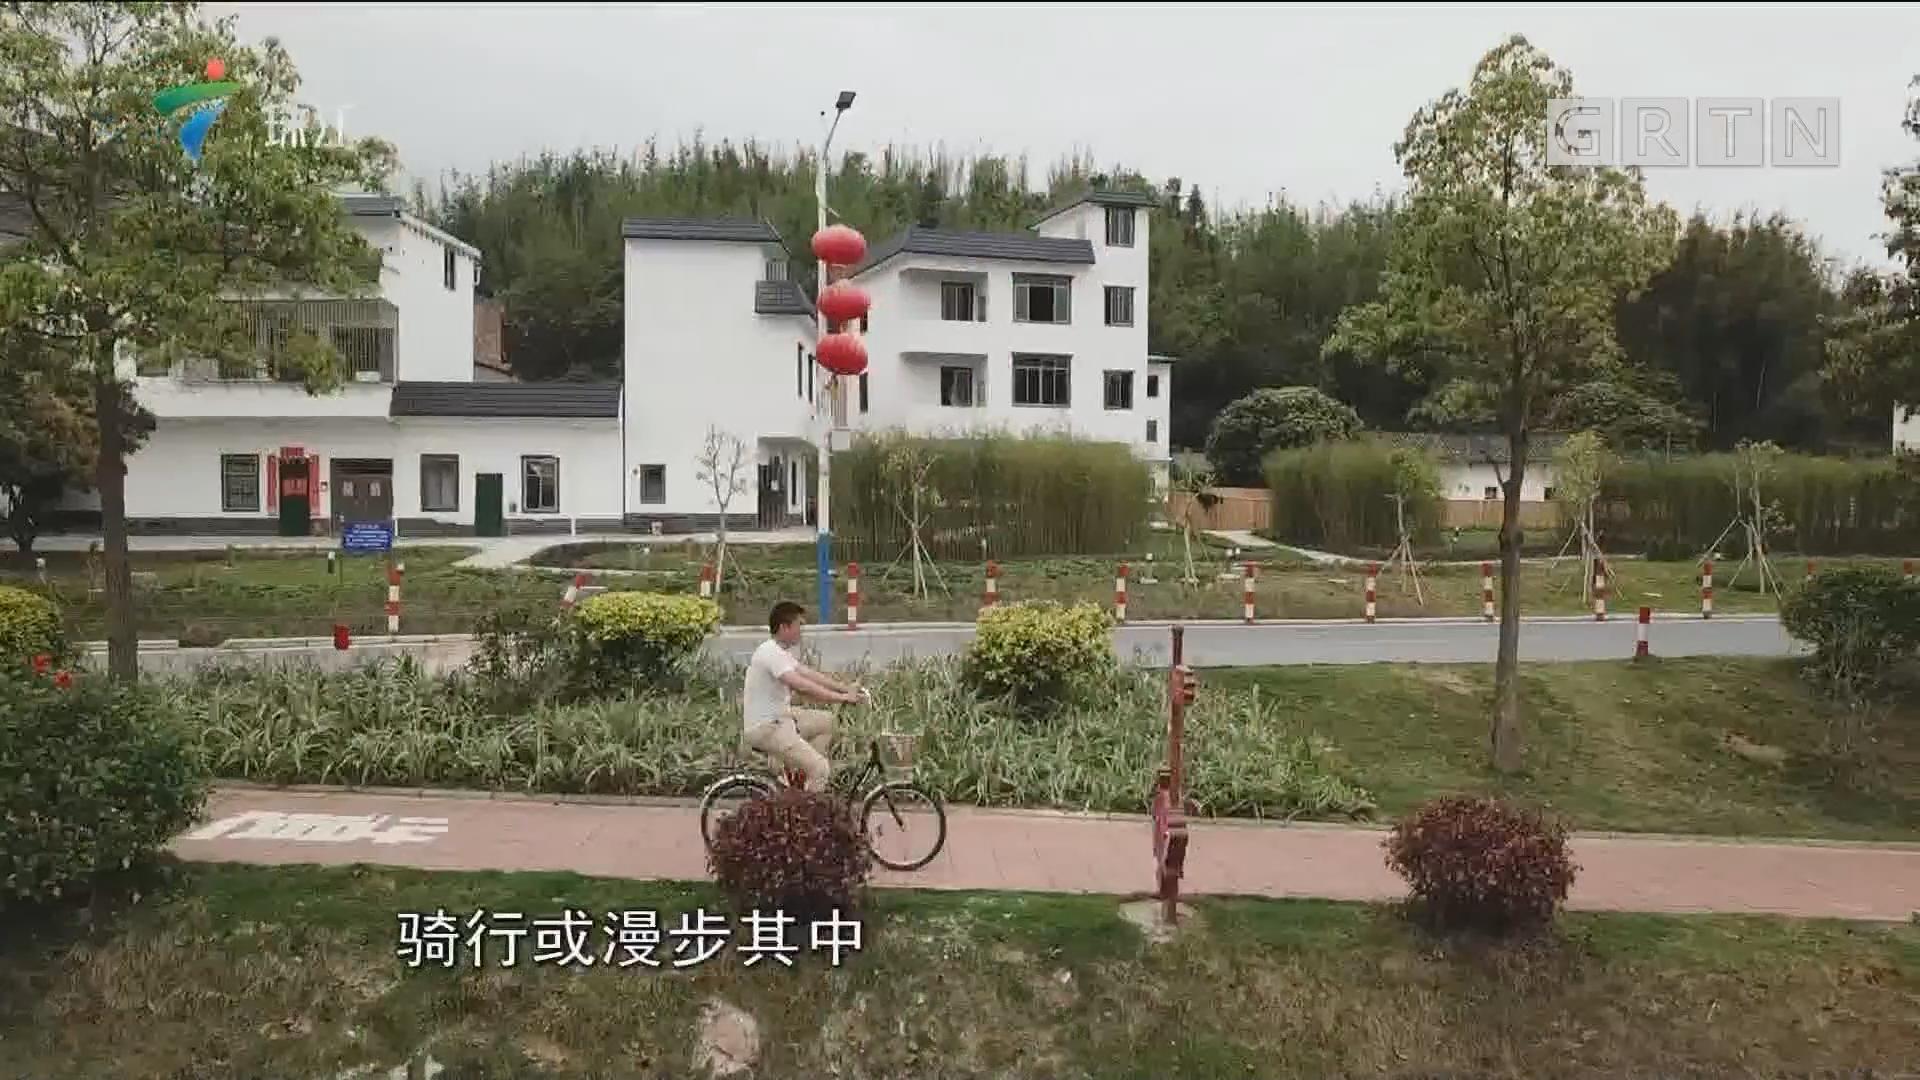 徜徉流溪绿道 助力乡村振兴